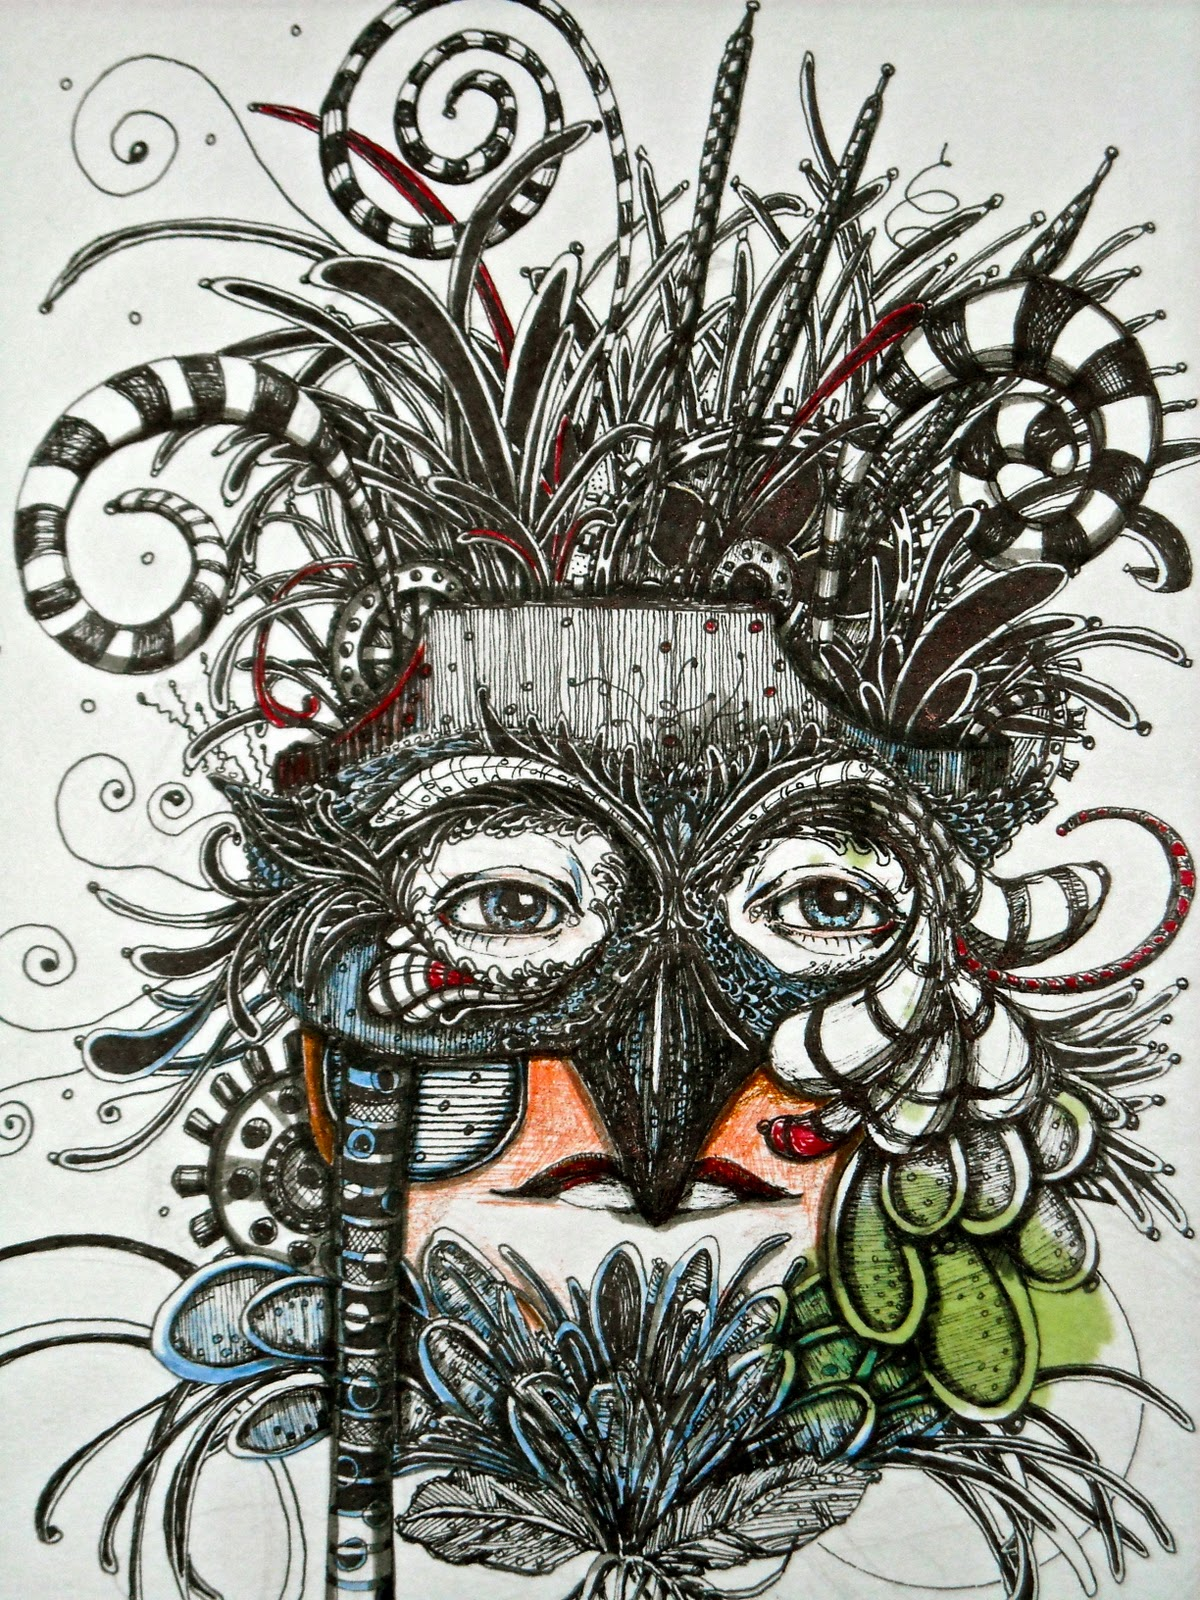 http://1.bp.blogspot.com/_BqB5HroynI0/TUd1u_w152I/AAAAAAAAAew/H8PMZPO0mLM/s1600/DSCN0054.JPG